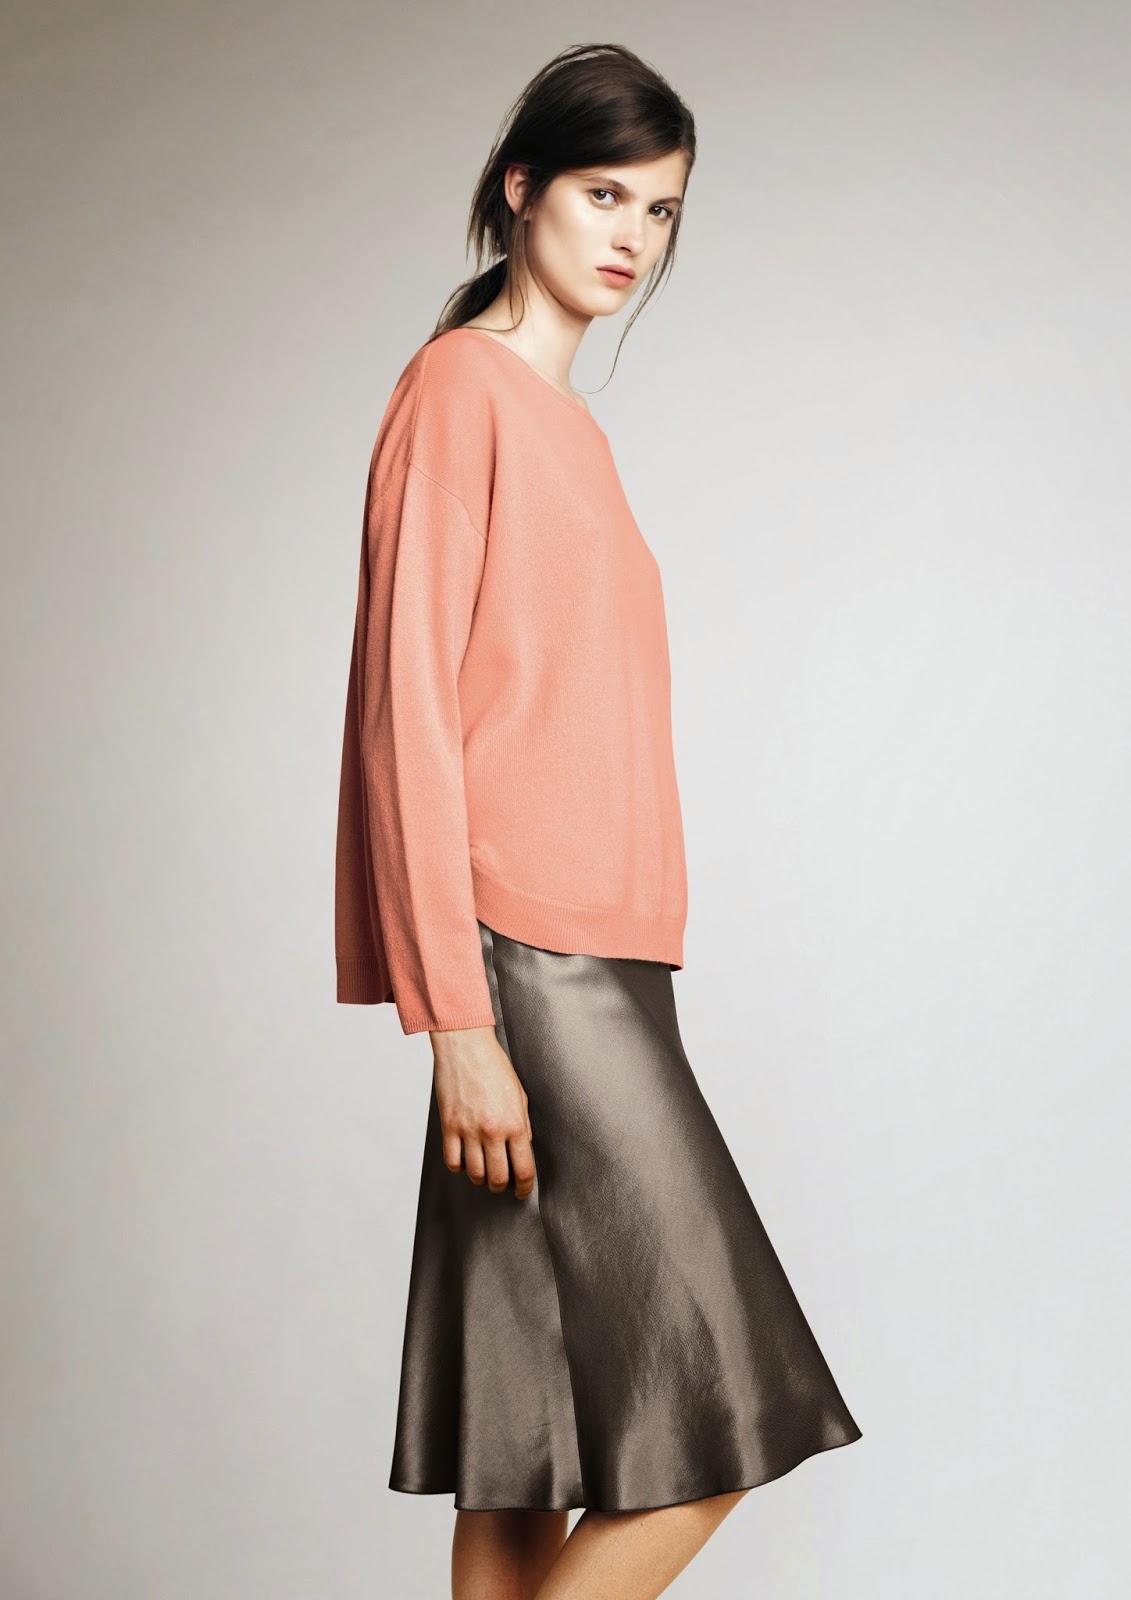 laurus fashiontipps luisa cerano mode im fr hjahr sommer 2015 mit focus auf silhouette go for. Black Bedroom Furniture Sets. Home Design Ideas